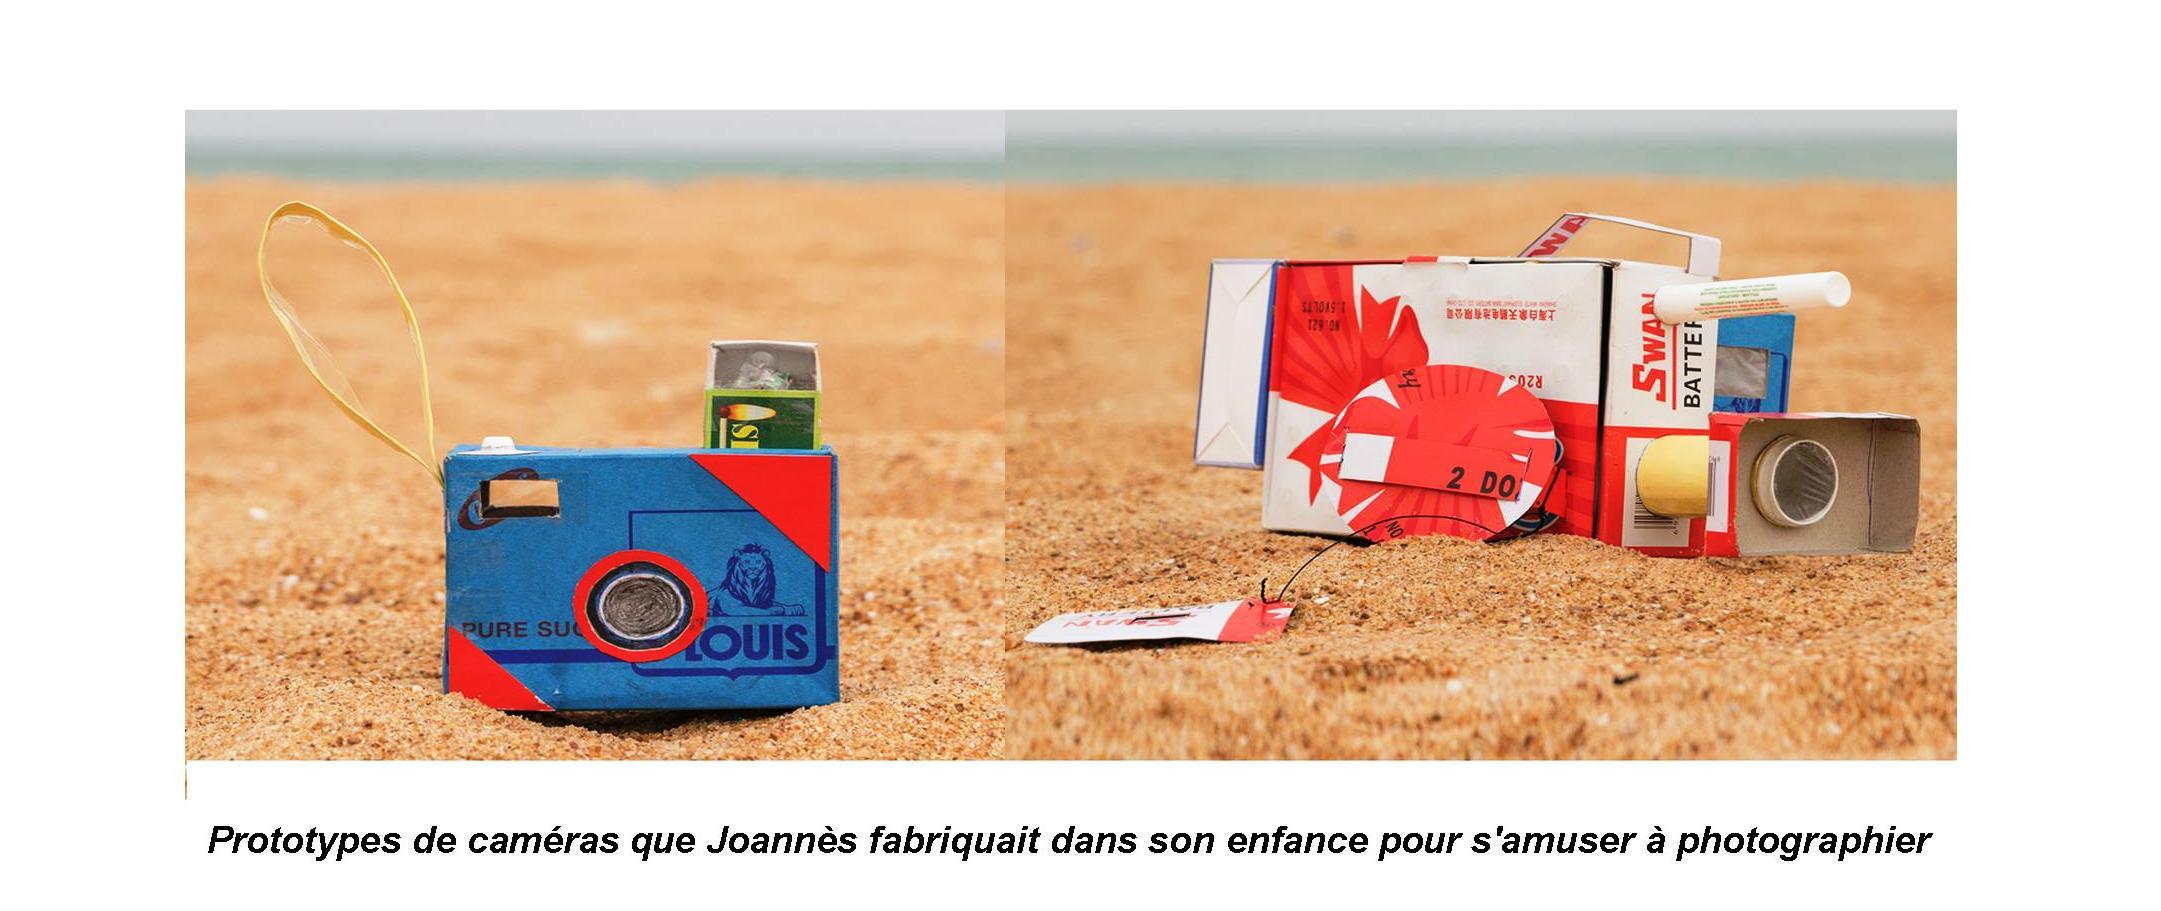 Prototypes de caméras que Joannès fabriquait dans son enfance pour s'amuser à photographier